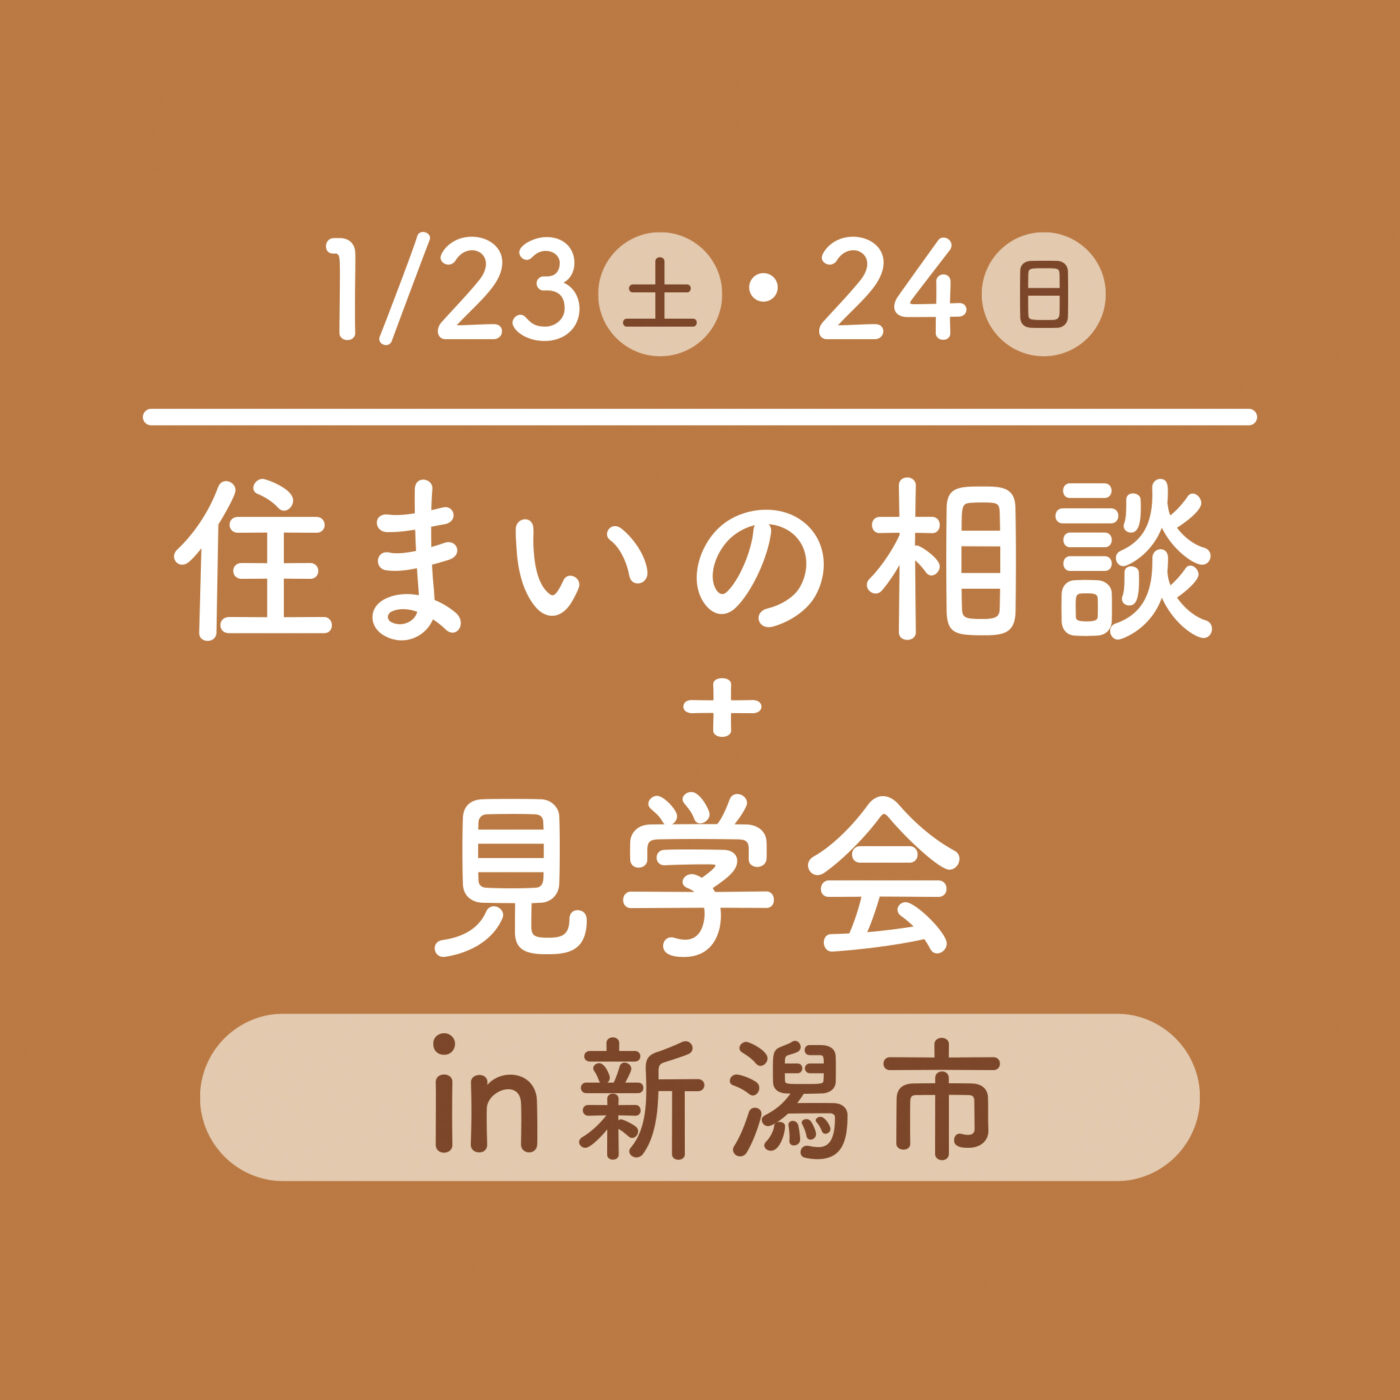 【1/23(土)-24(日)】2日間限定イベント!(終了いたしました)